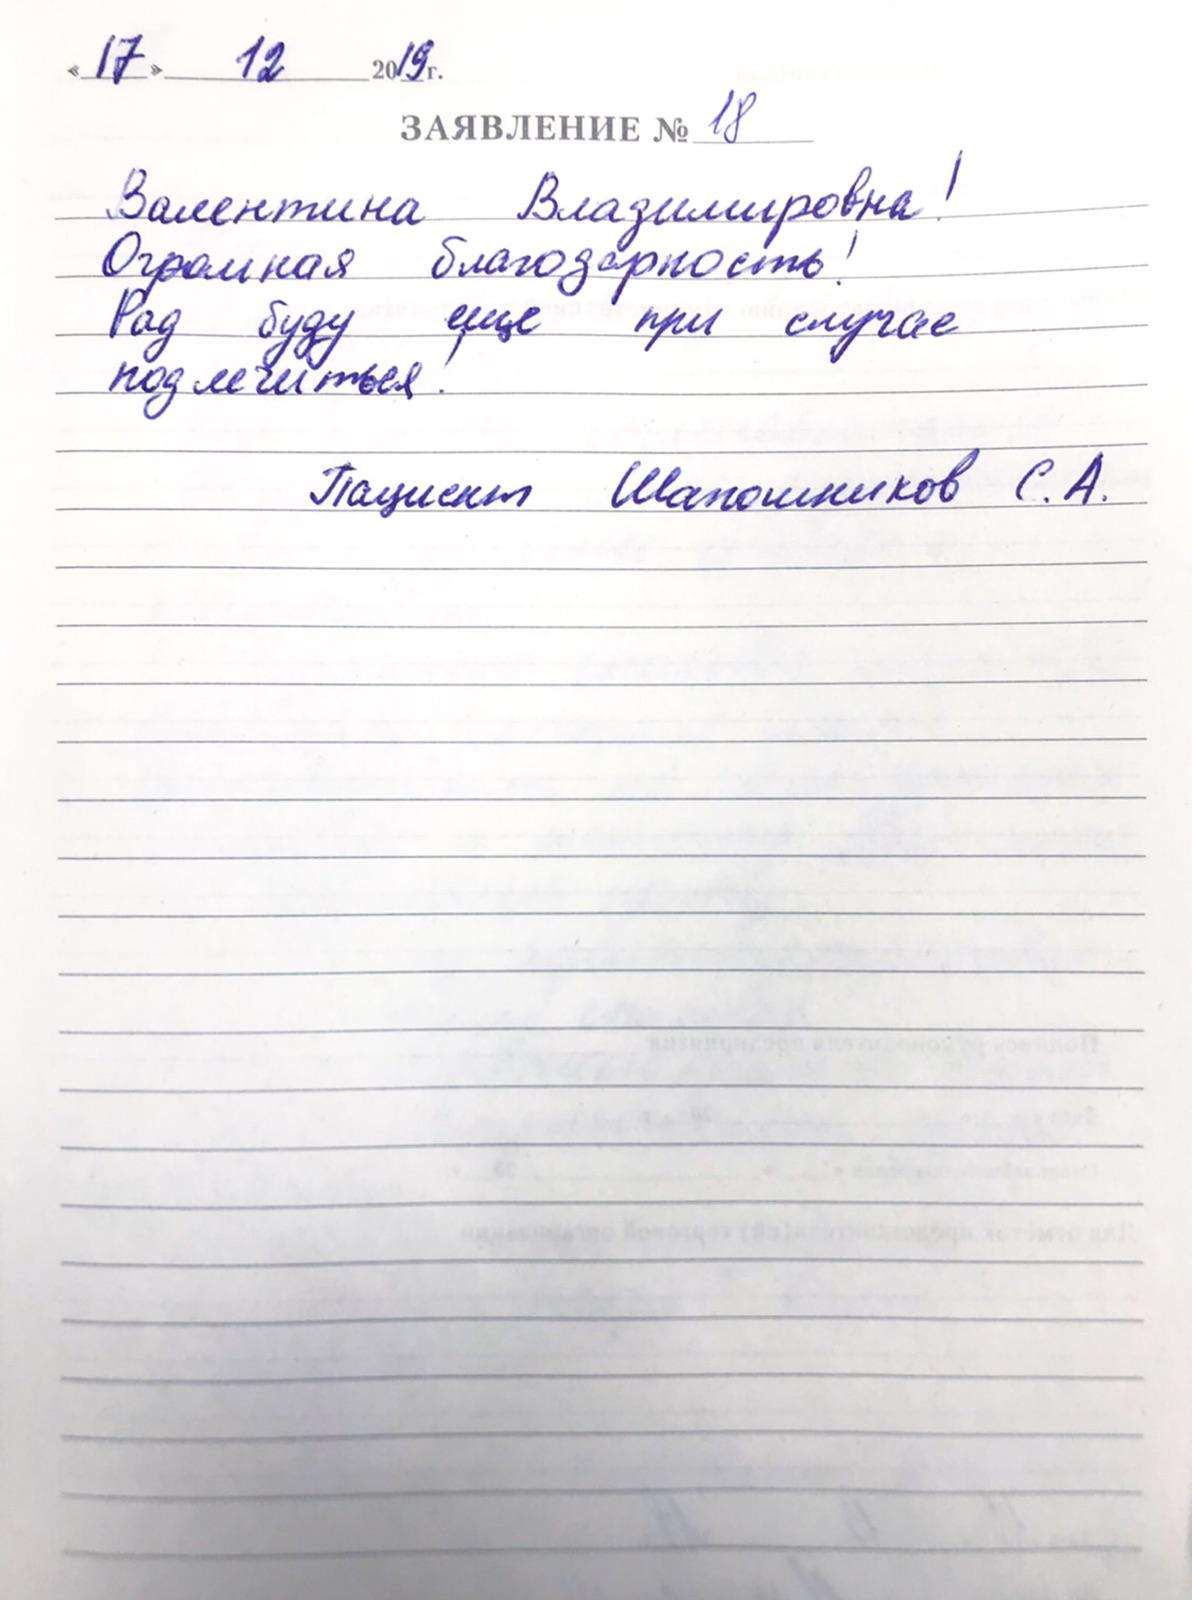 <em>Редактировать Отзыв</em> Сергей Анатольевич. Стоматология Фларт